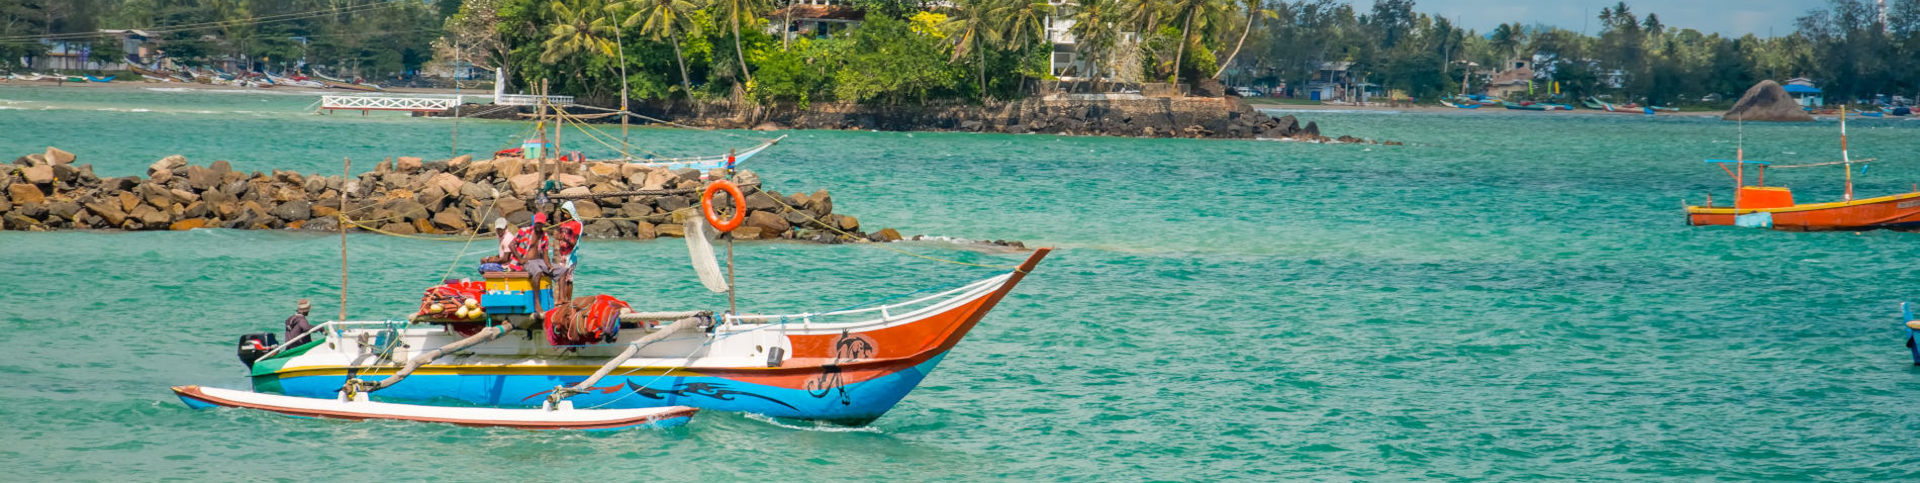 Weligama fishermen